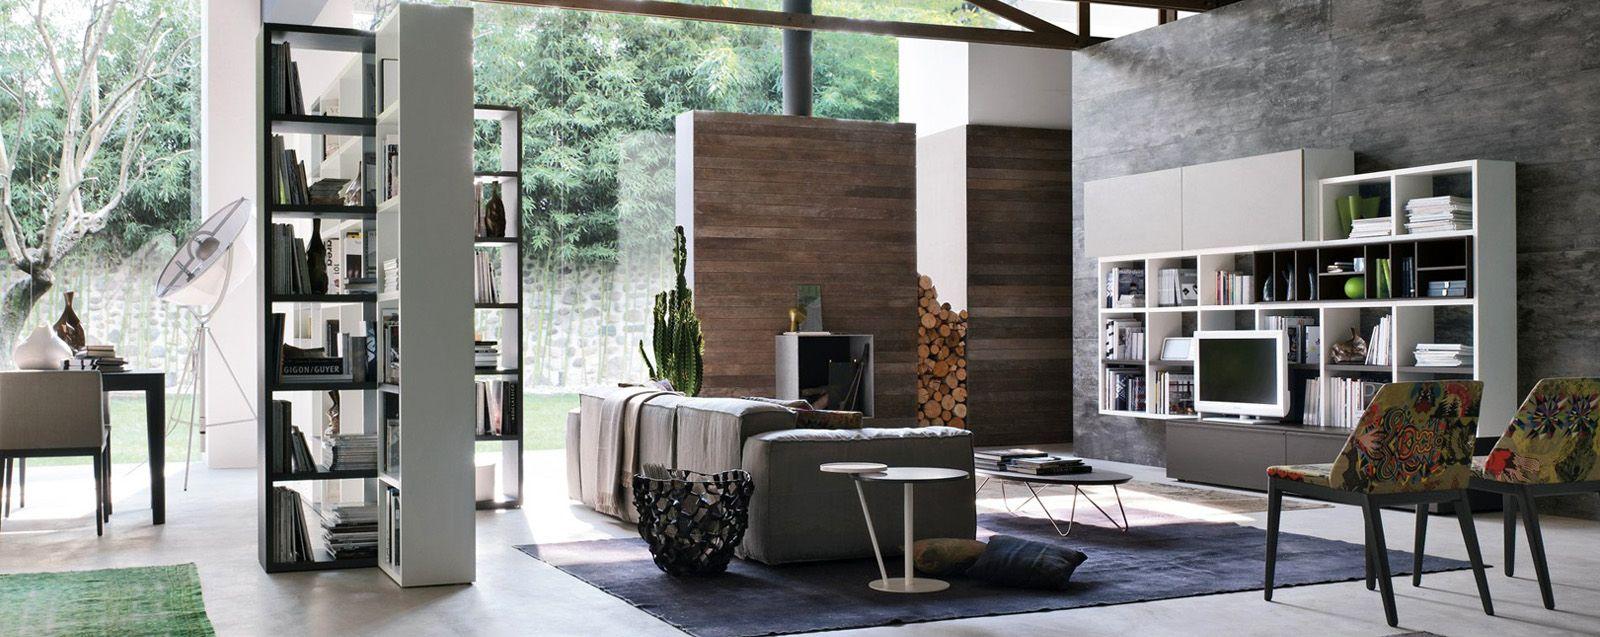 Arredamento mobili stile classico stile moderno - Arredamento contemporaneo moderno ...